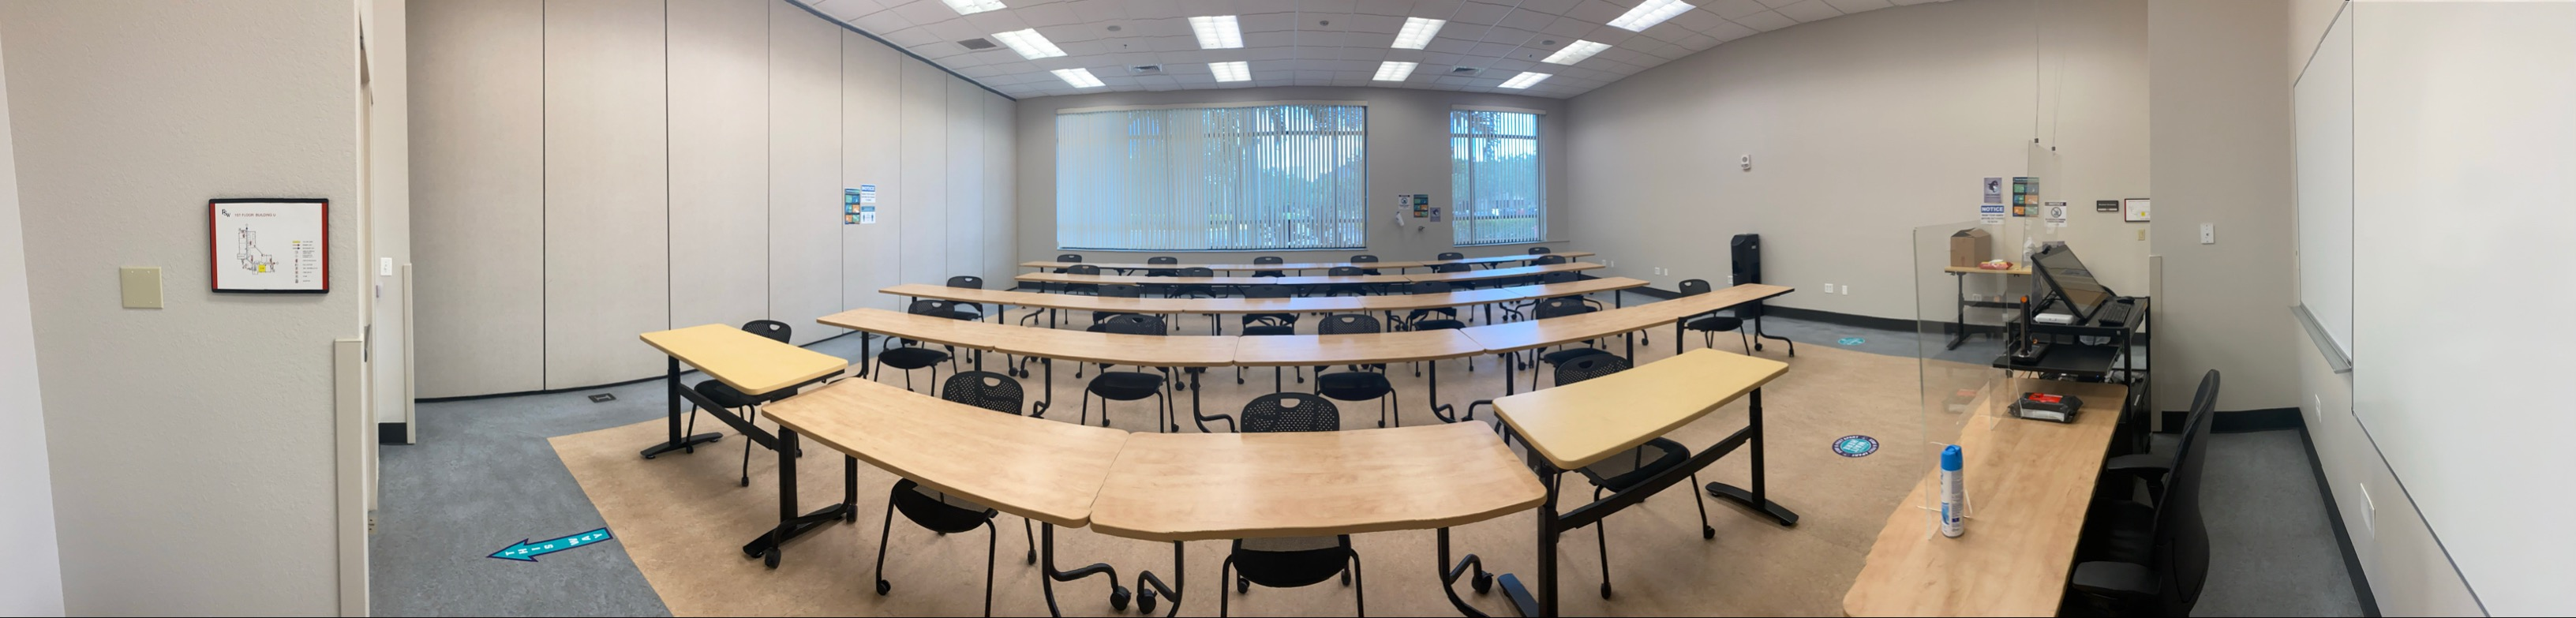 classroom-pan.png